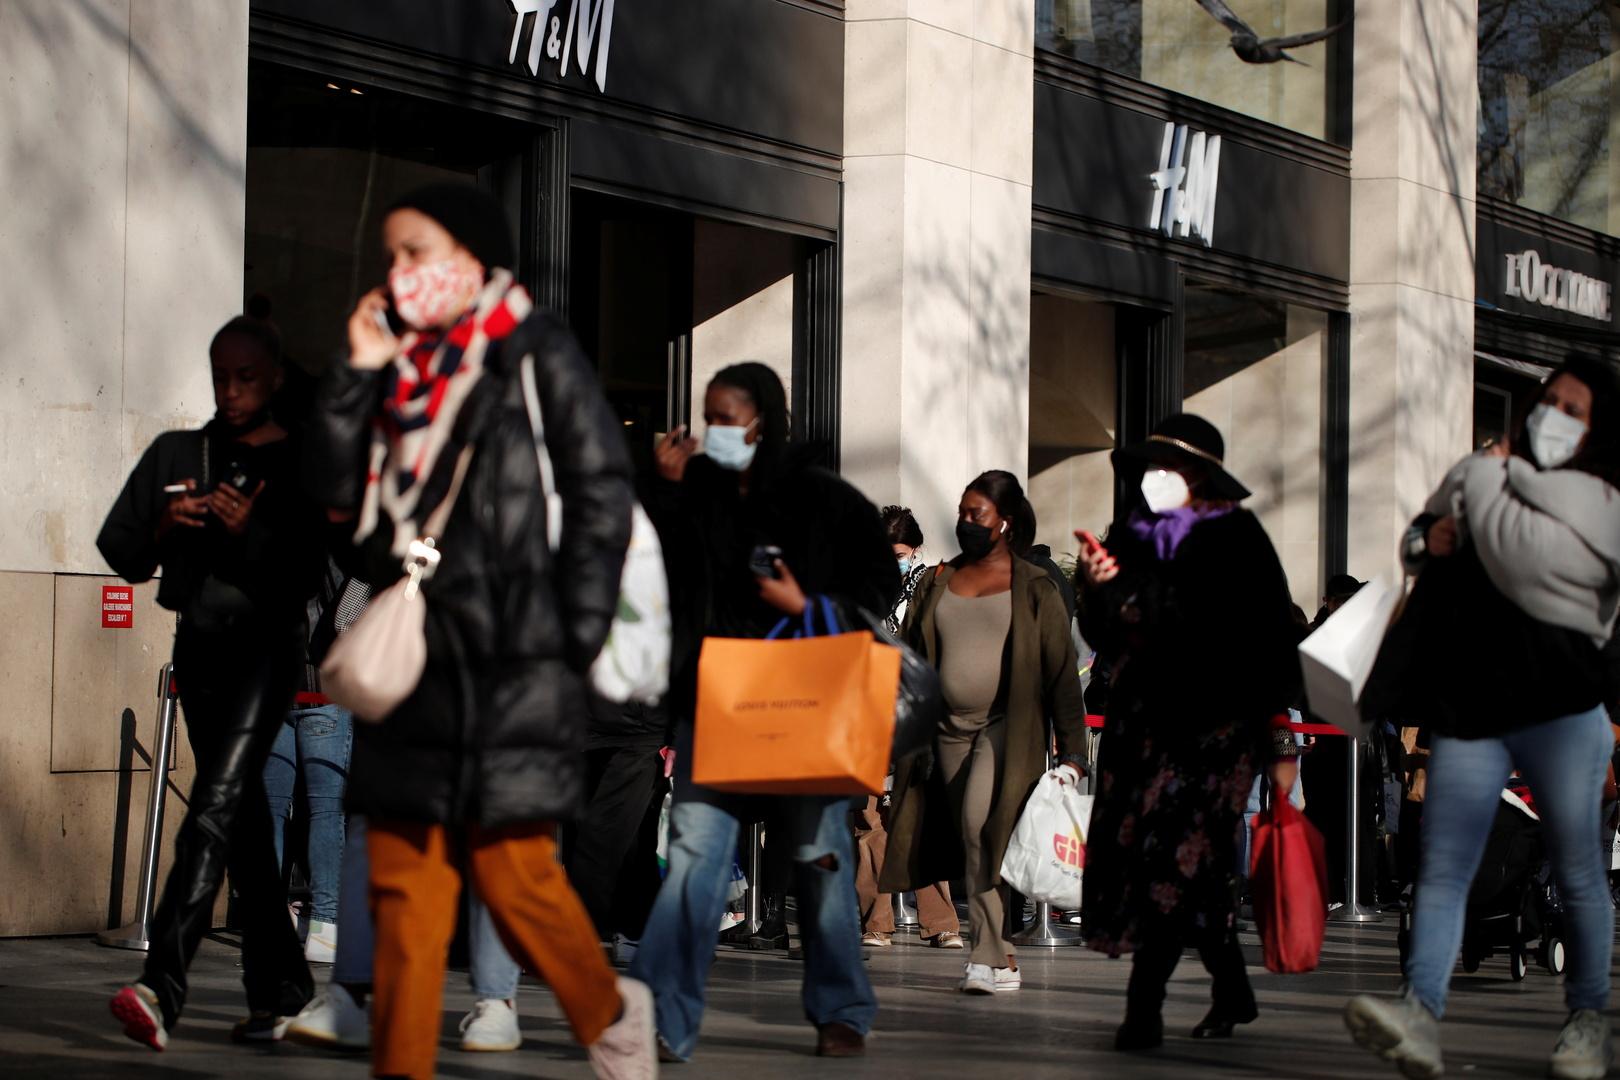 فرنسا: مستعدون لاتخاذ إجراءات أكثر صرامة للحد من انتشار كورونا